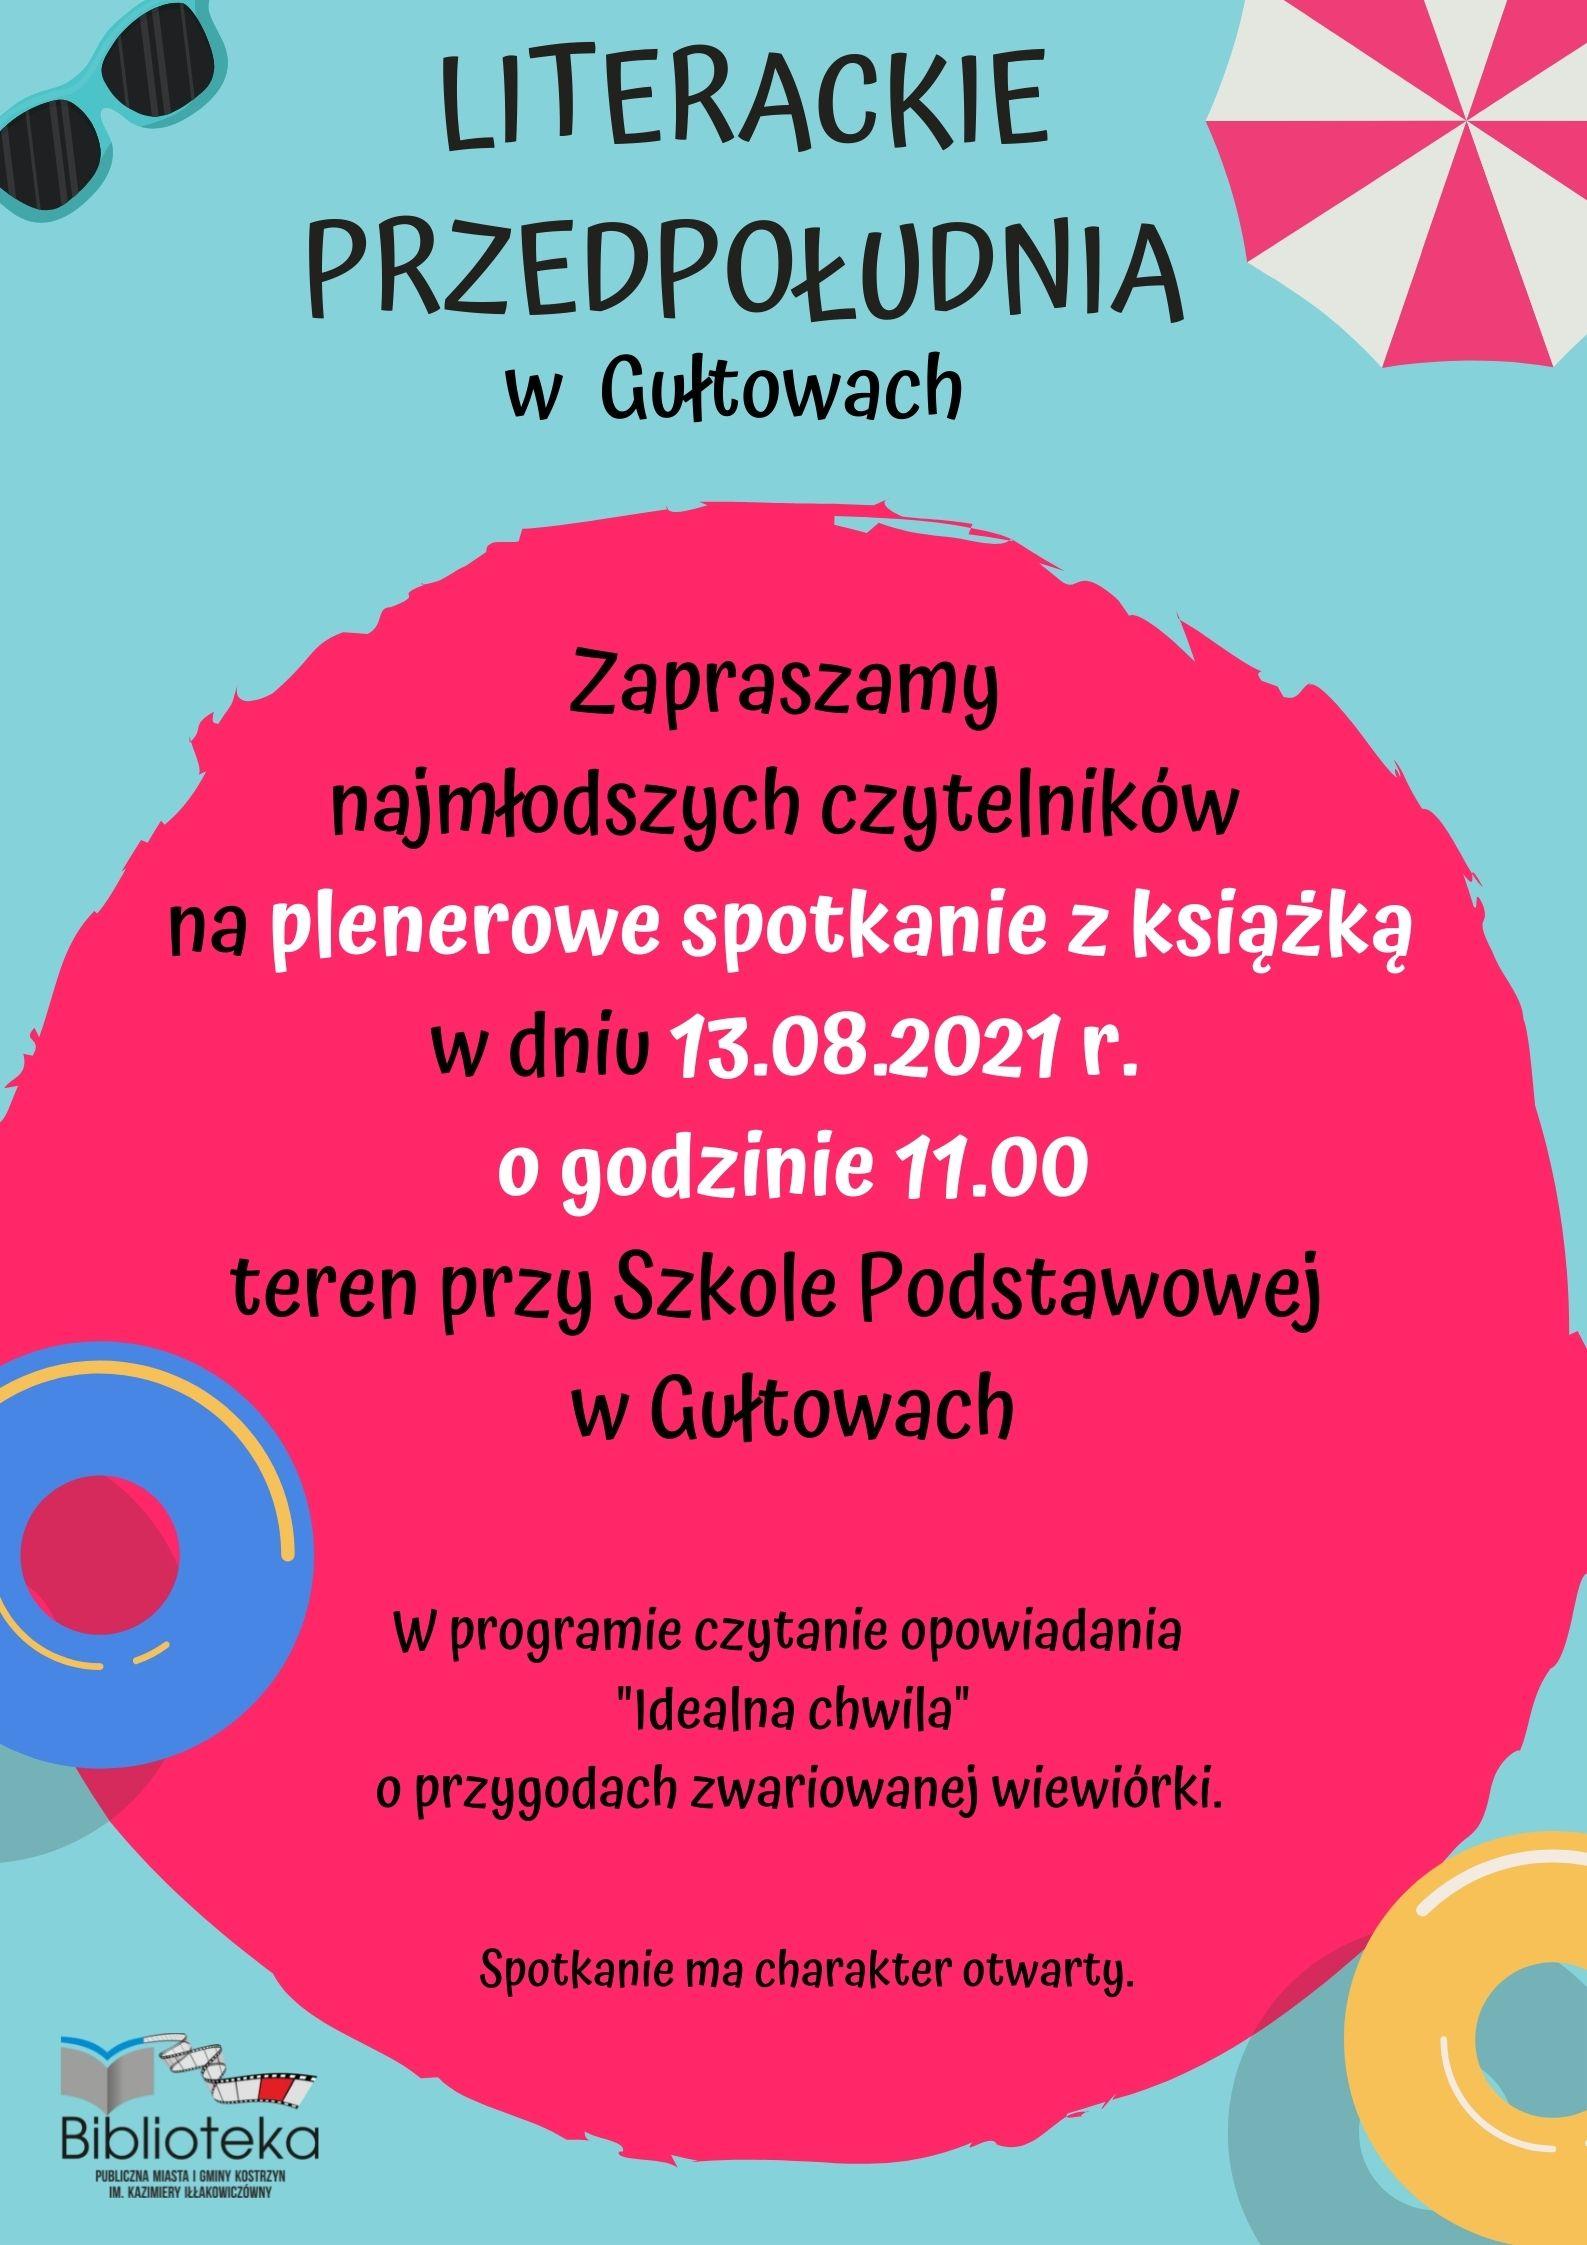 plakat informacyjny o spotkaniu plenerowym z książką dla dzieci w Gułtowach w piatek o godzinie 11